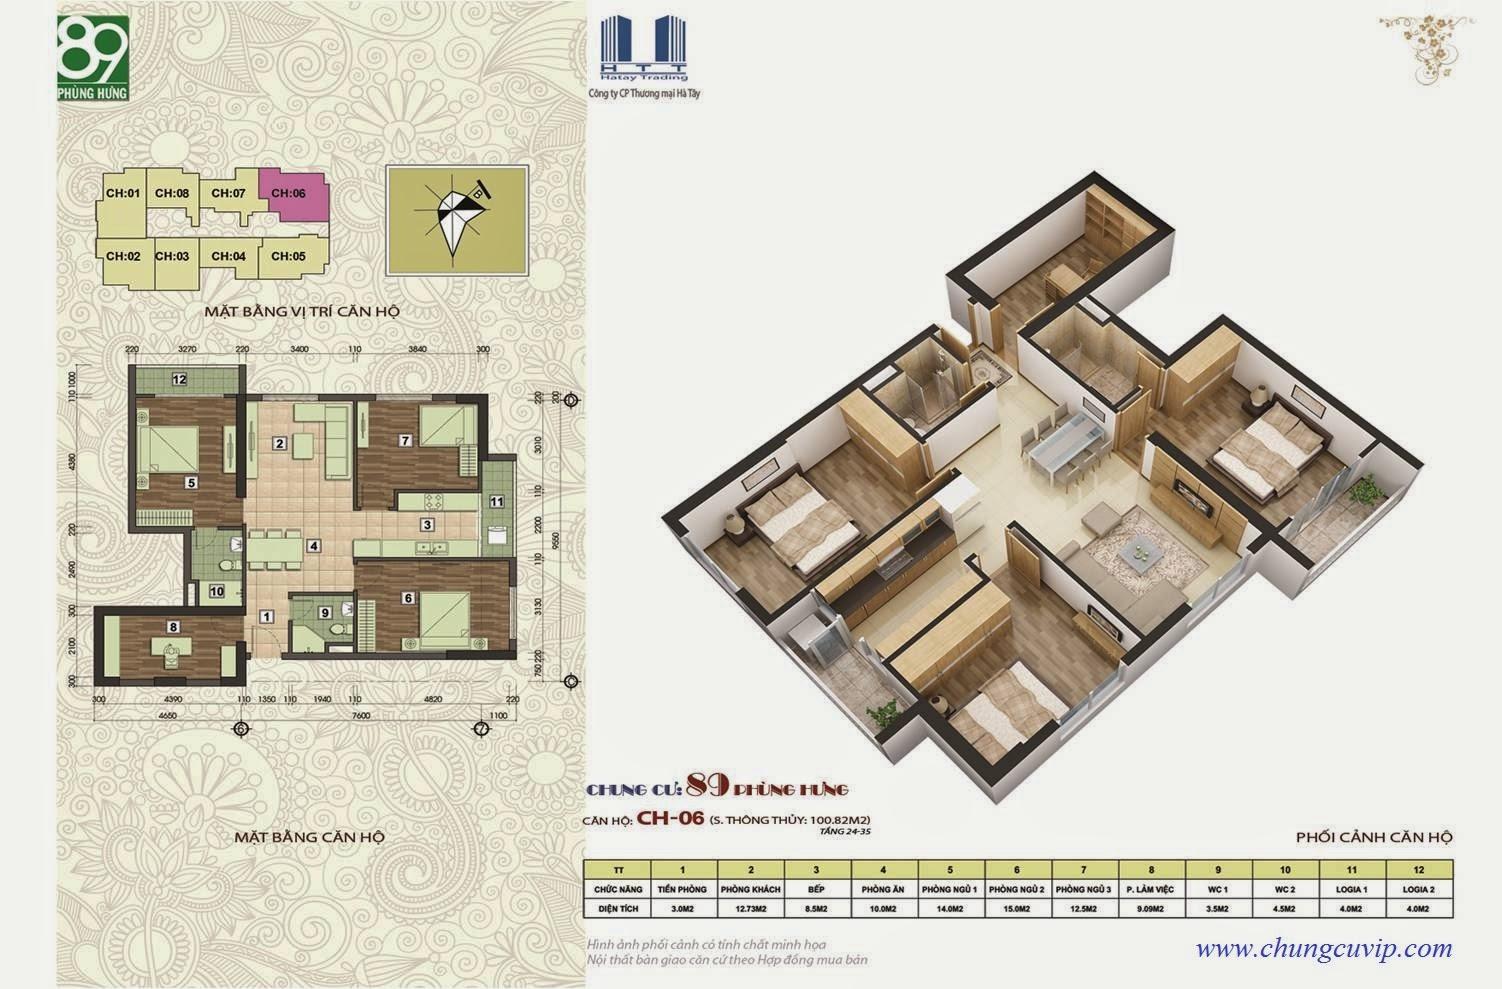 Chung cư 89 Phùng Hưng, Căn 100,82 m2